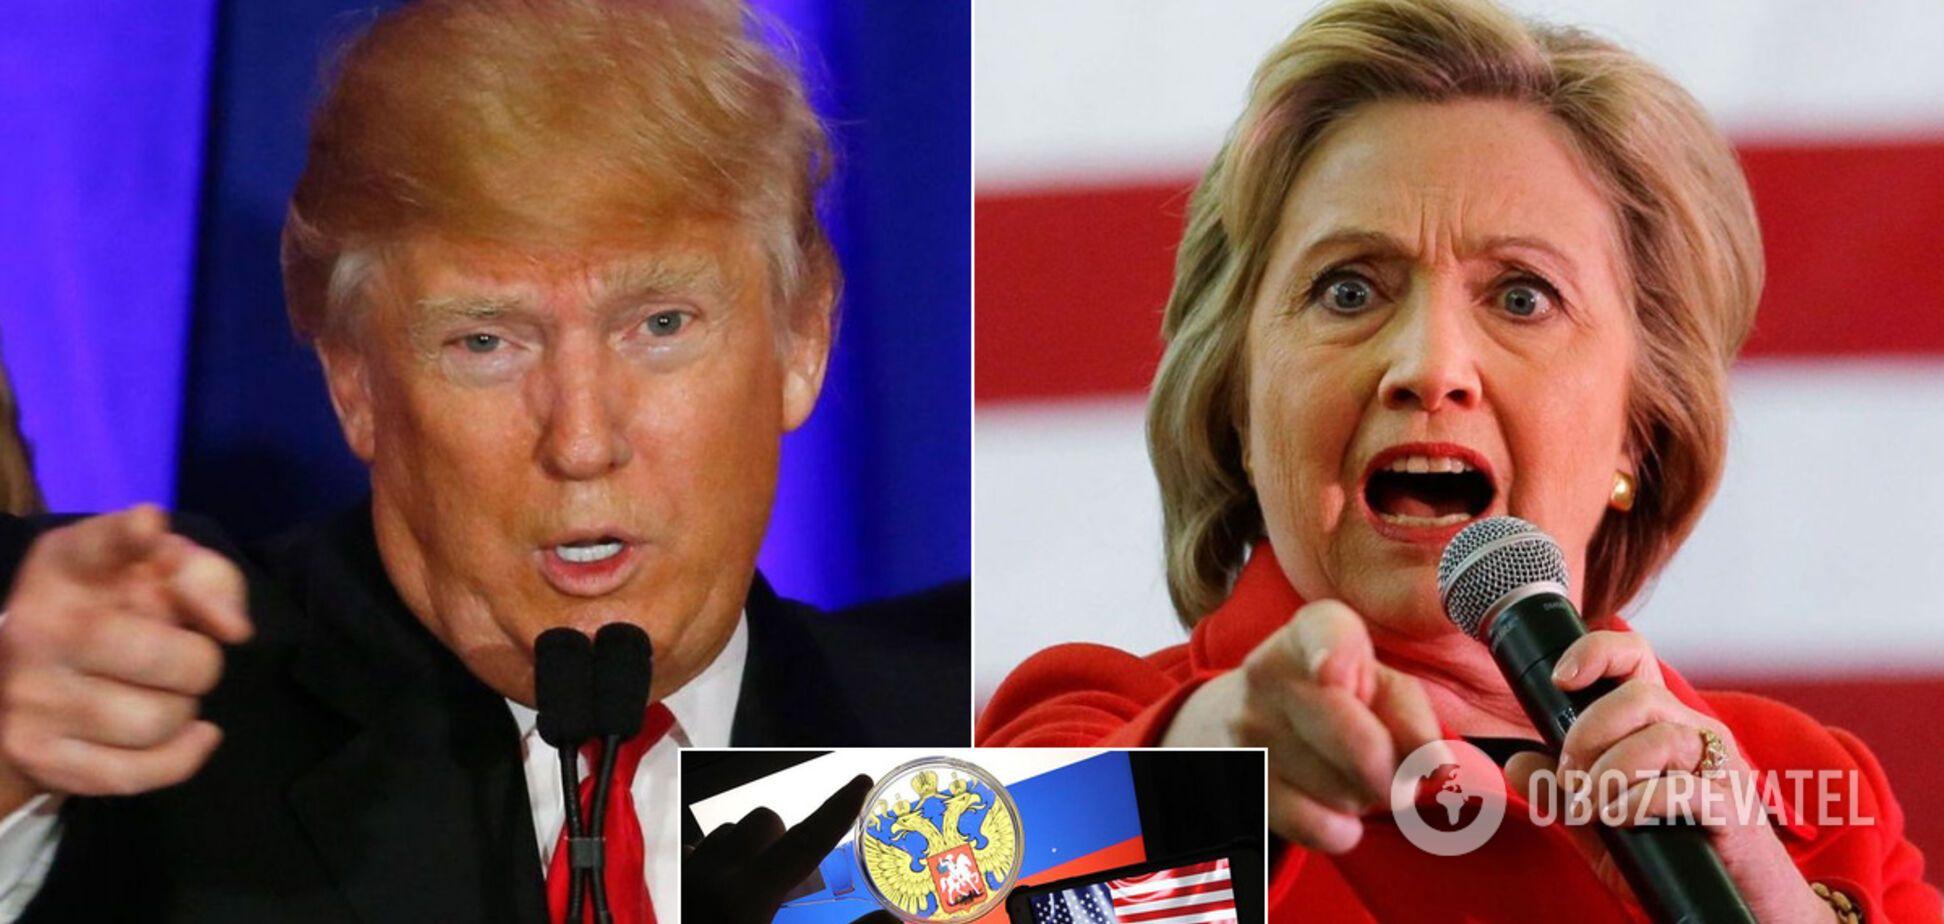 Сенат США подтвердил беспрецедентное вмешательство России в выборы 2016 года